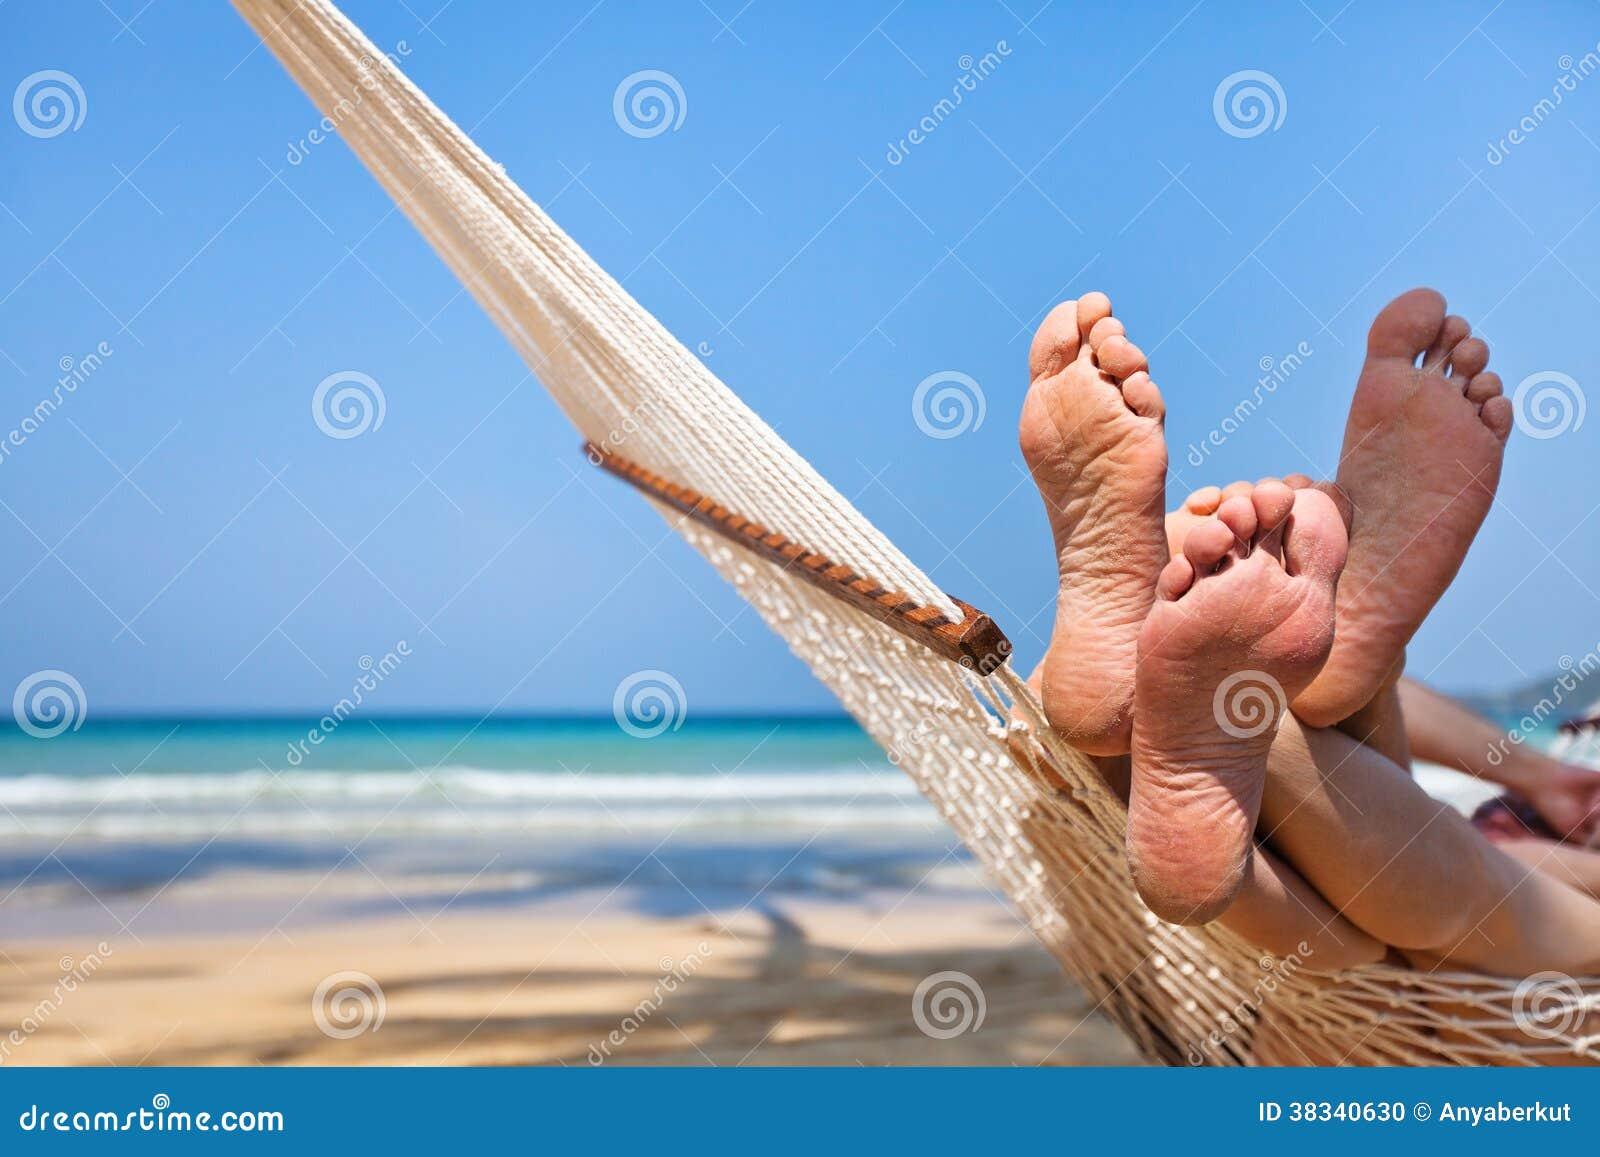 nude sleeping in a hammock